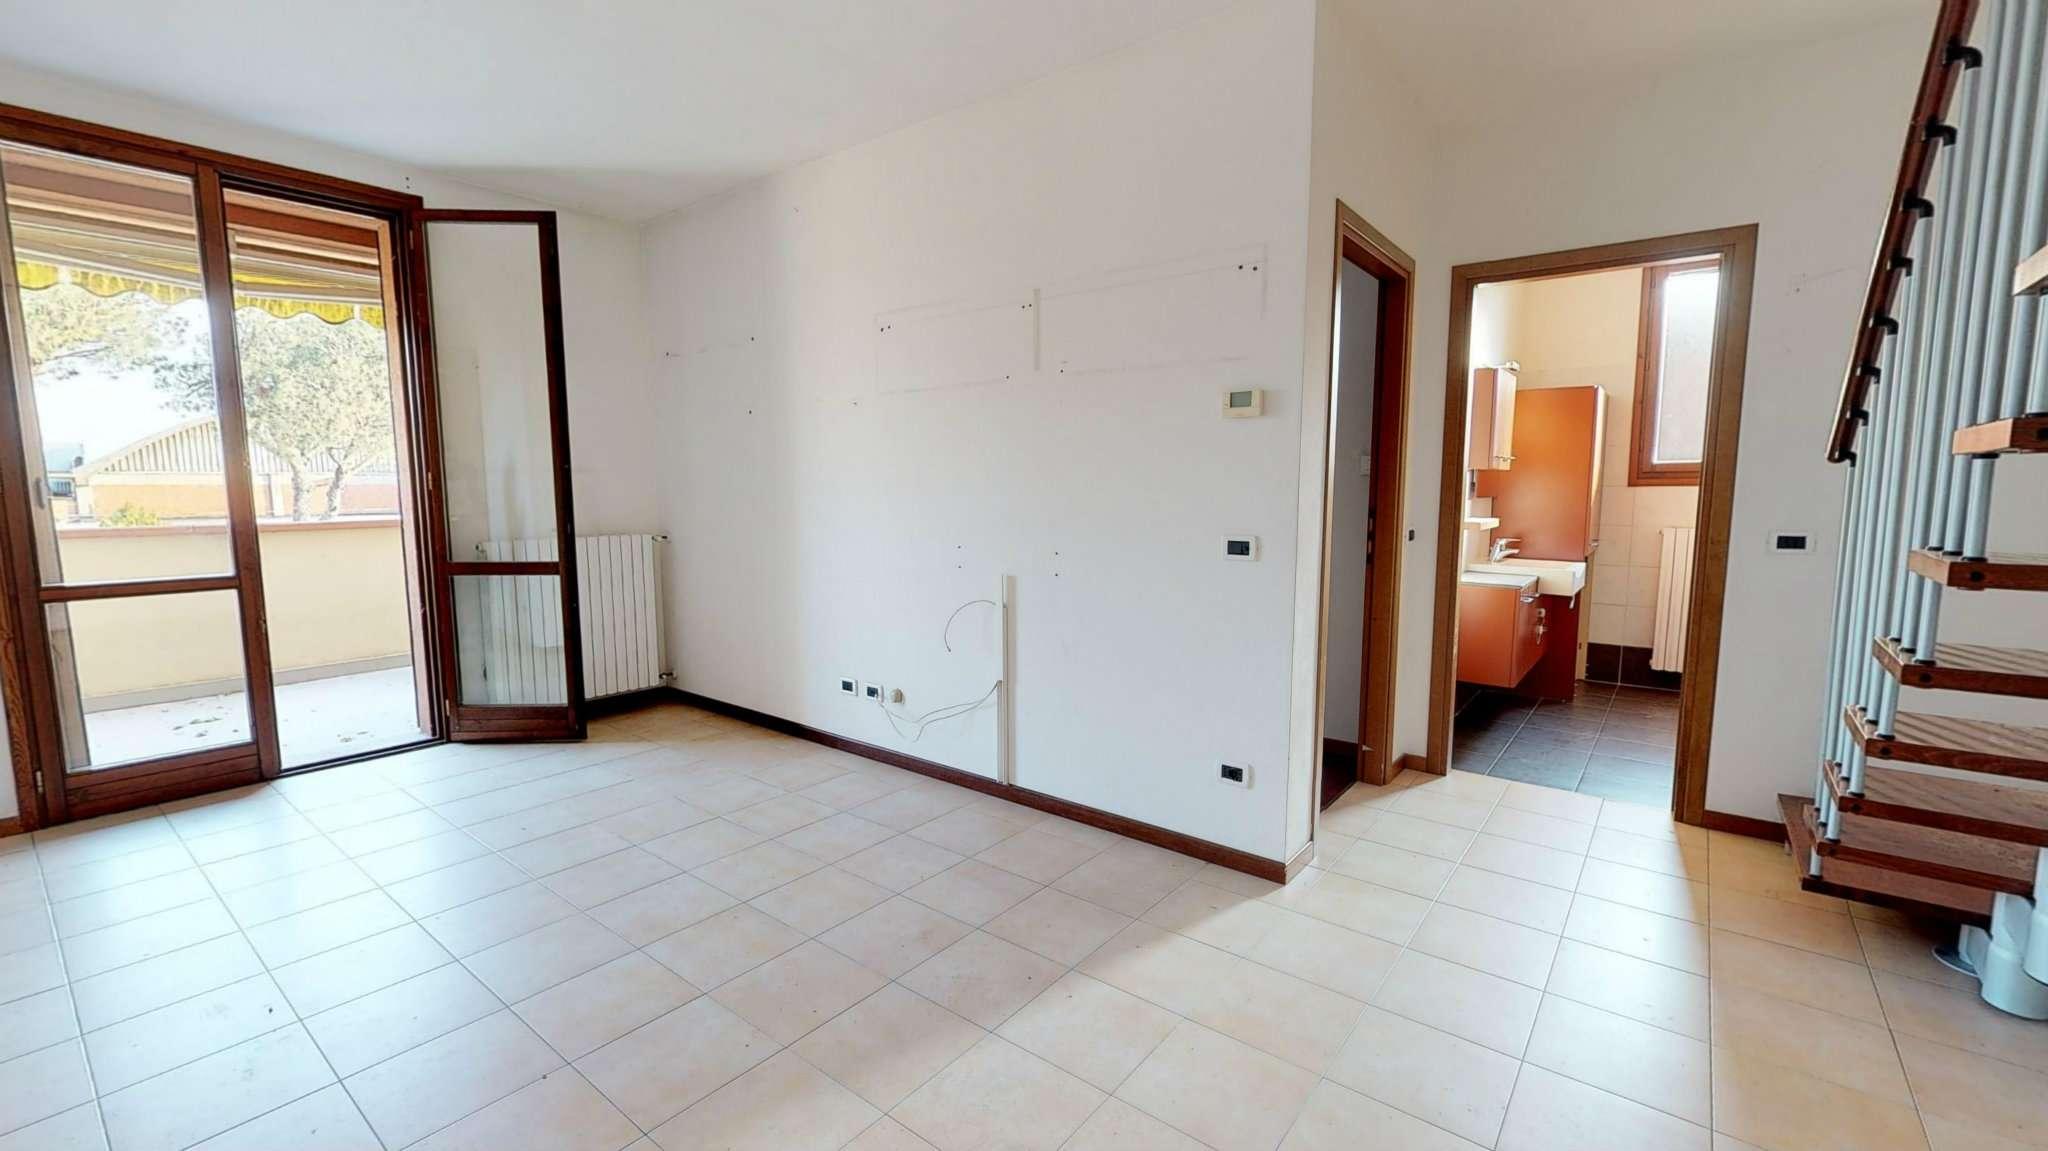 Appartamento in vendita a Castel Guelfo di Bologna, 3 locali, prezzo € 140.000 | PortaleAgenzieImmobiliari.it